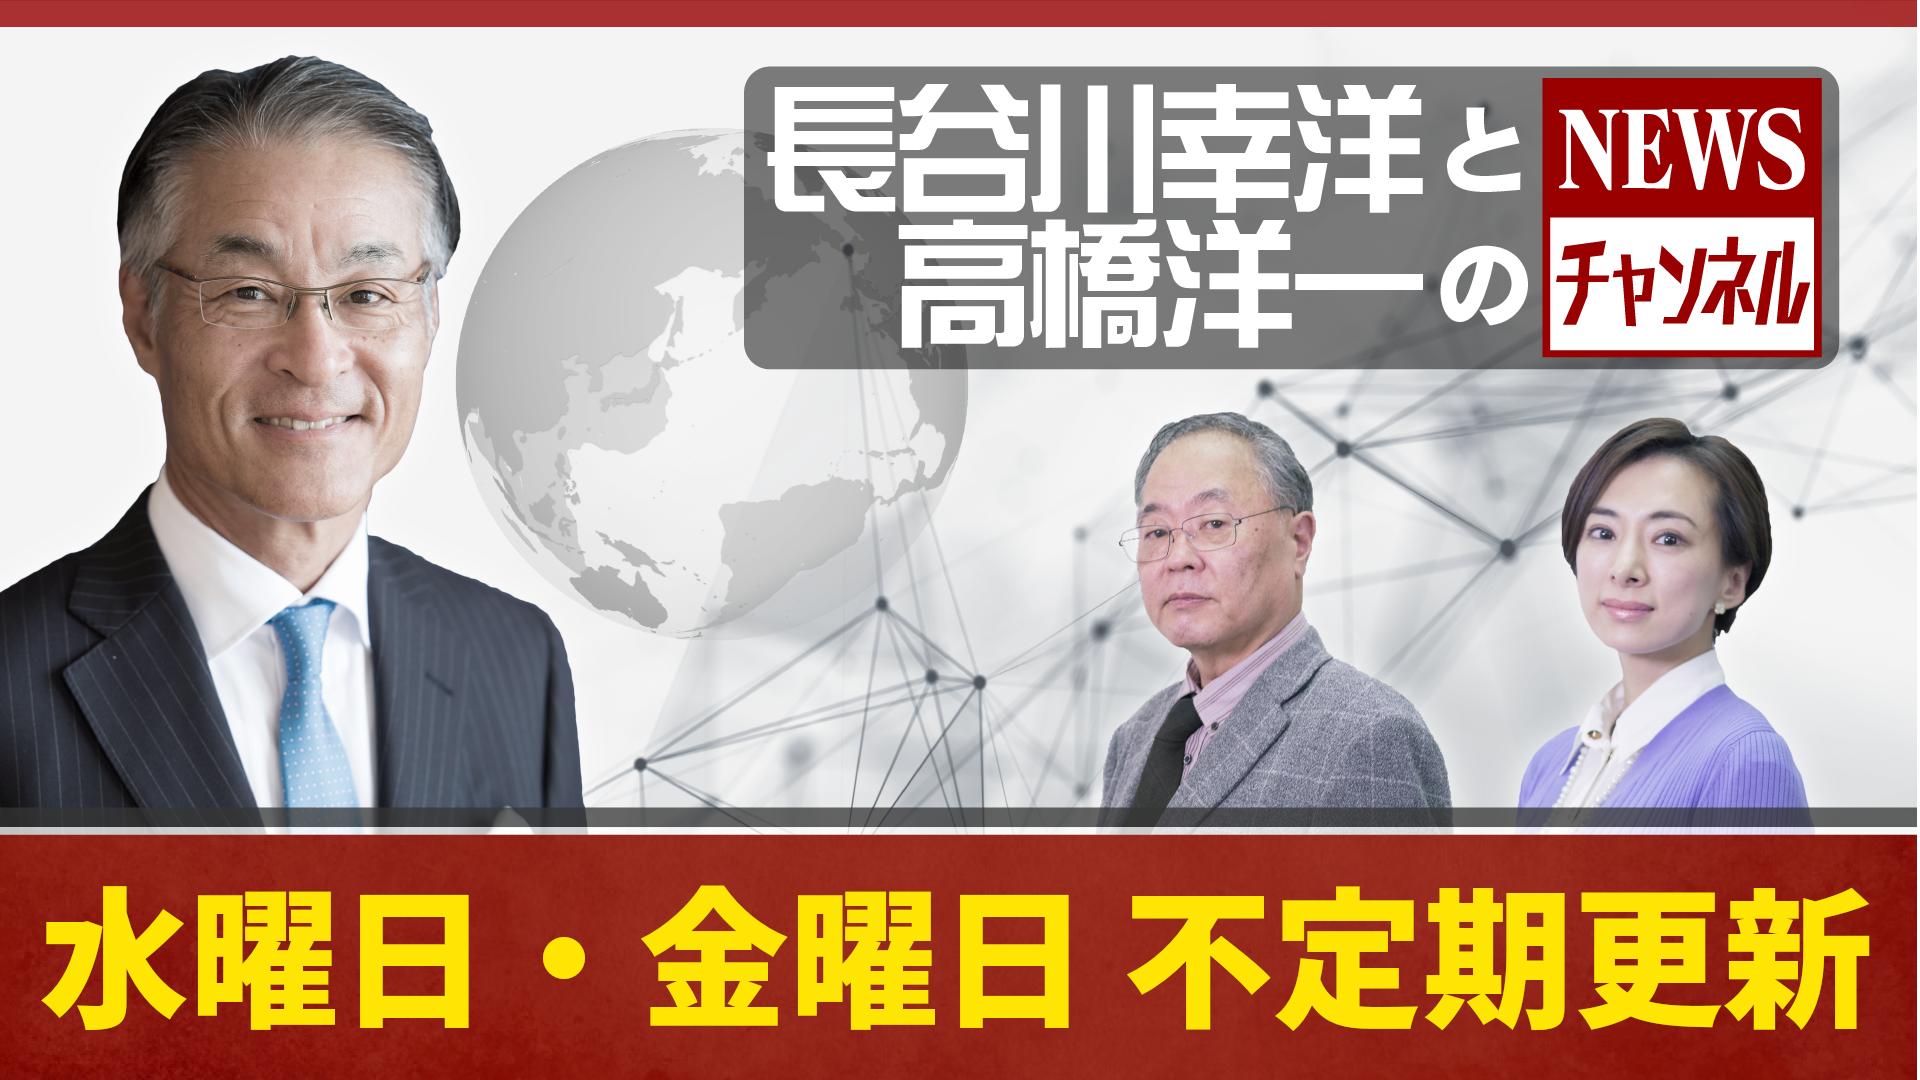 『長谷川幸洋と高橋洋一のNEWSチャンネル』 好評配信中!!